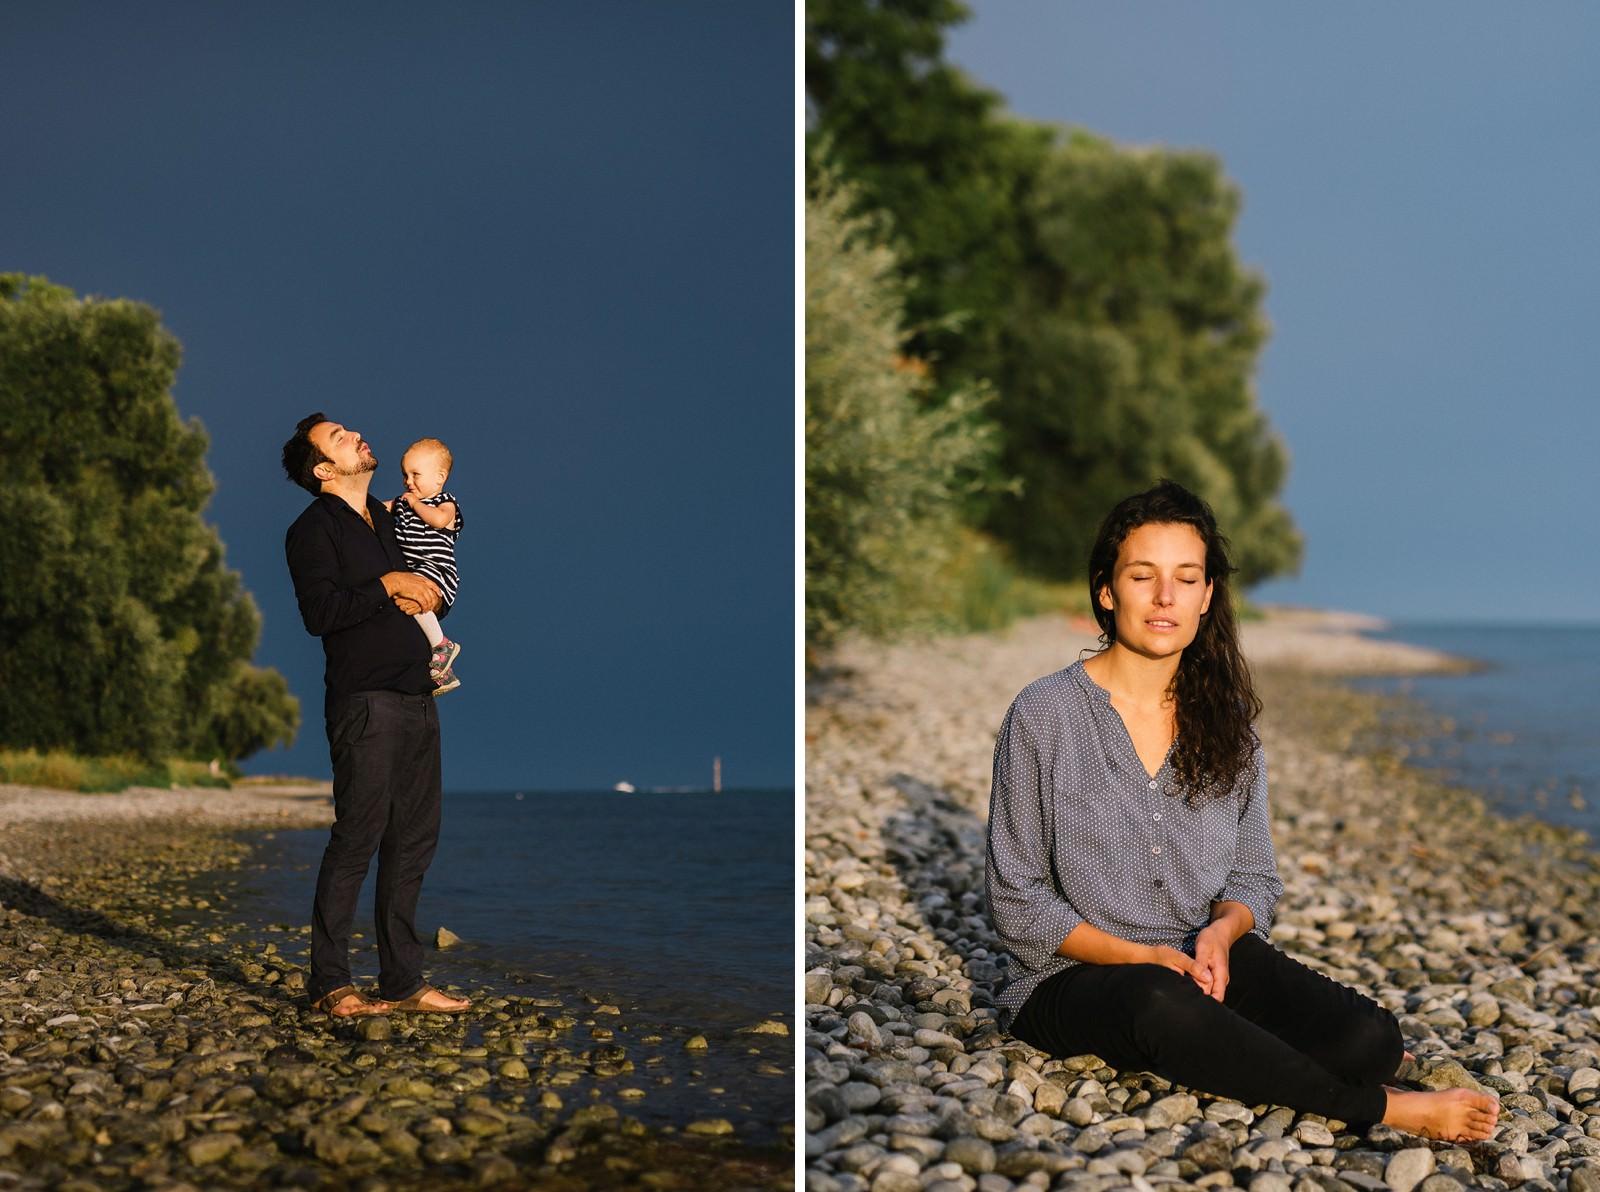 Fotograf Konstanz - Familienbilder Familien Musiker Baby Paar Shooting Konstanz EFP 15 - Familienbilder am Bodenseeufer bei Konstanz  - 38 -